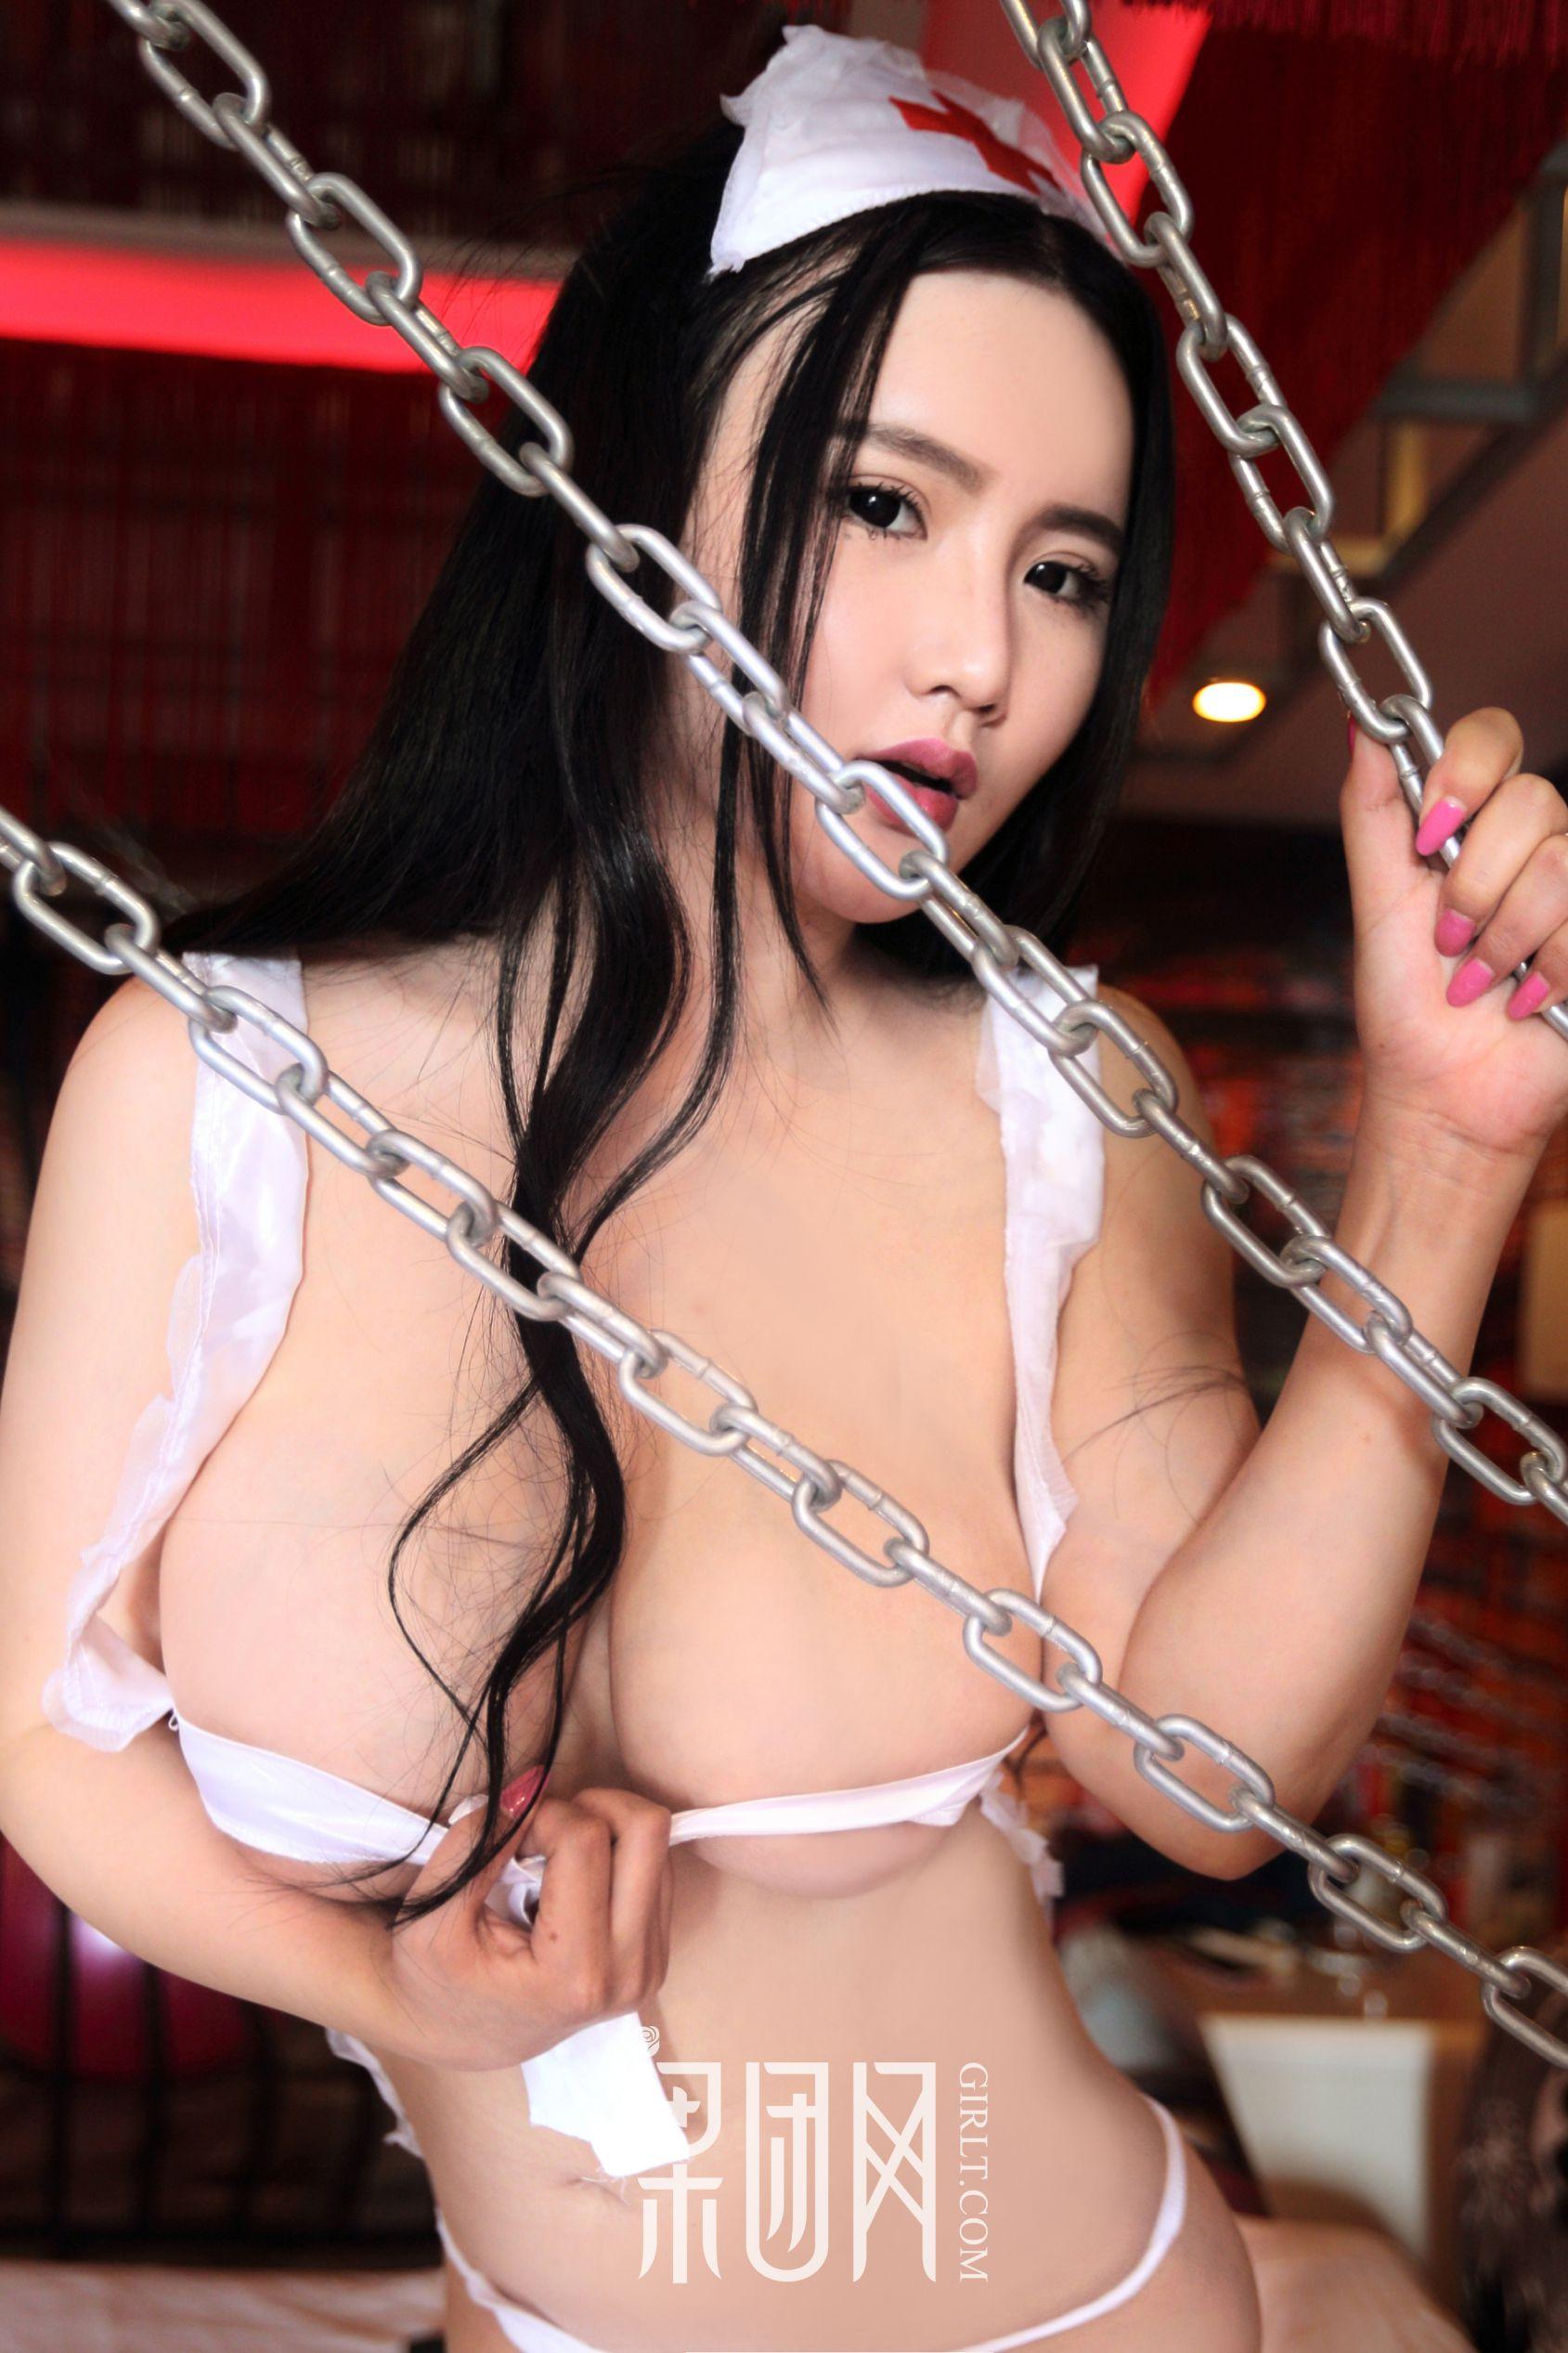 Kitty梓熙 - 真豪乳 浴室湿身激凸 写真套图